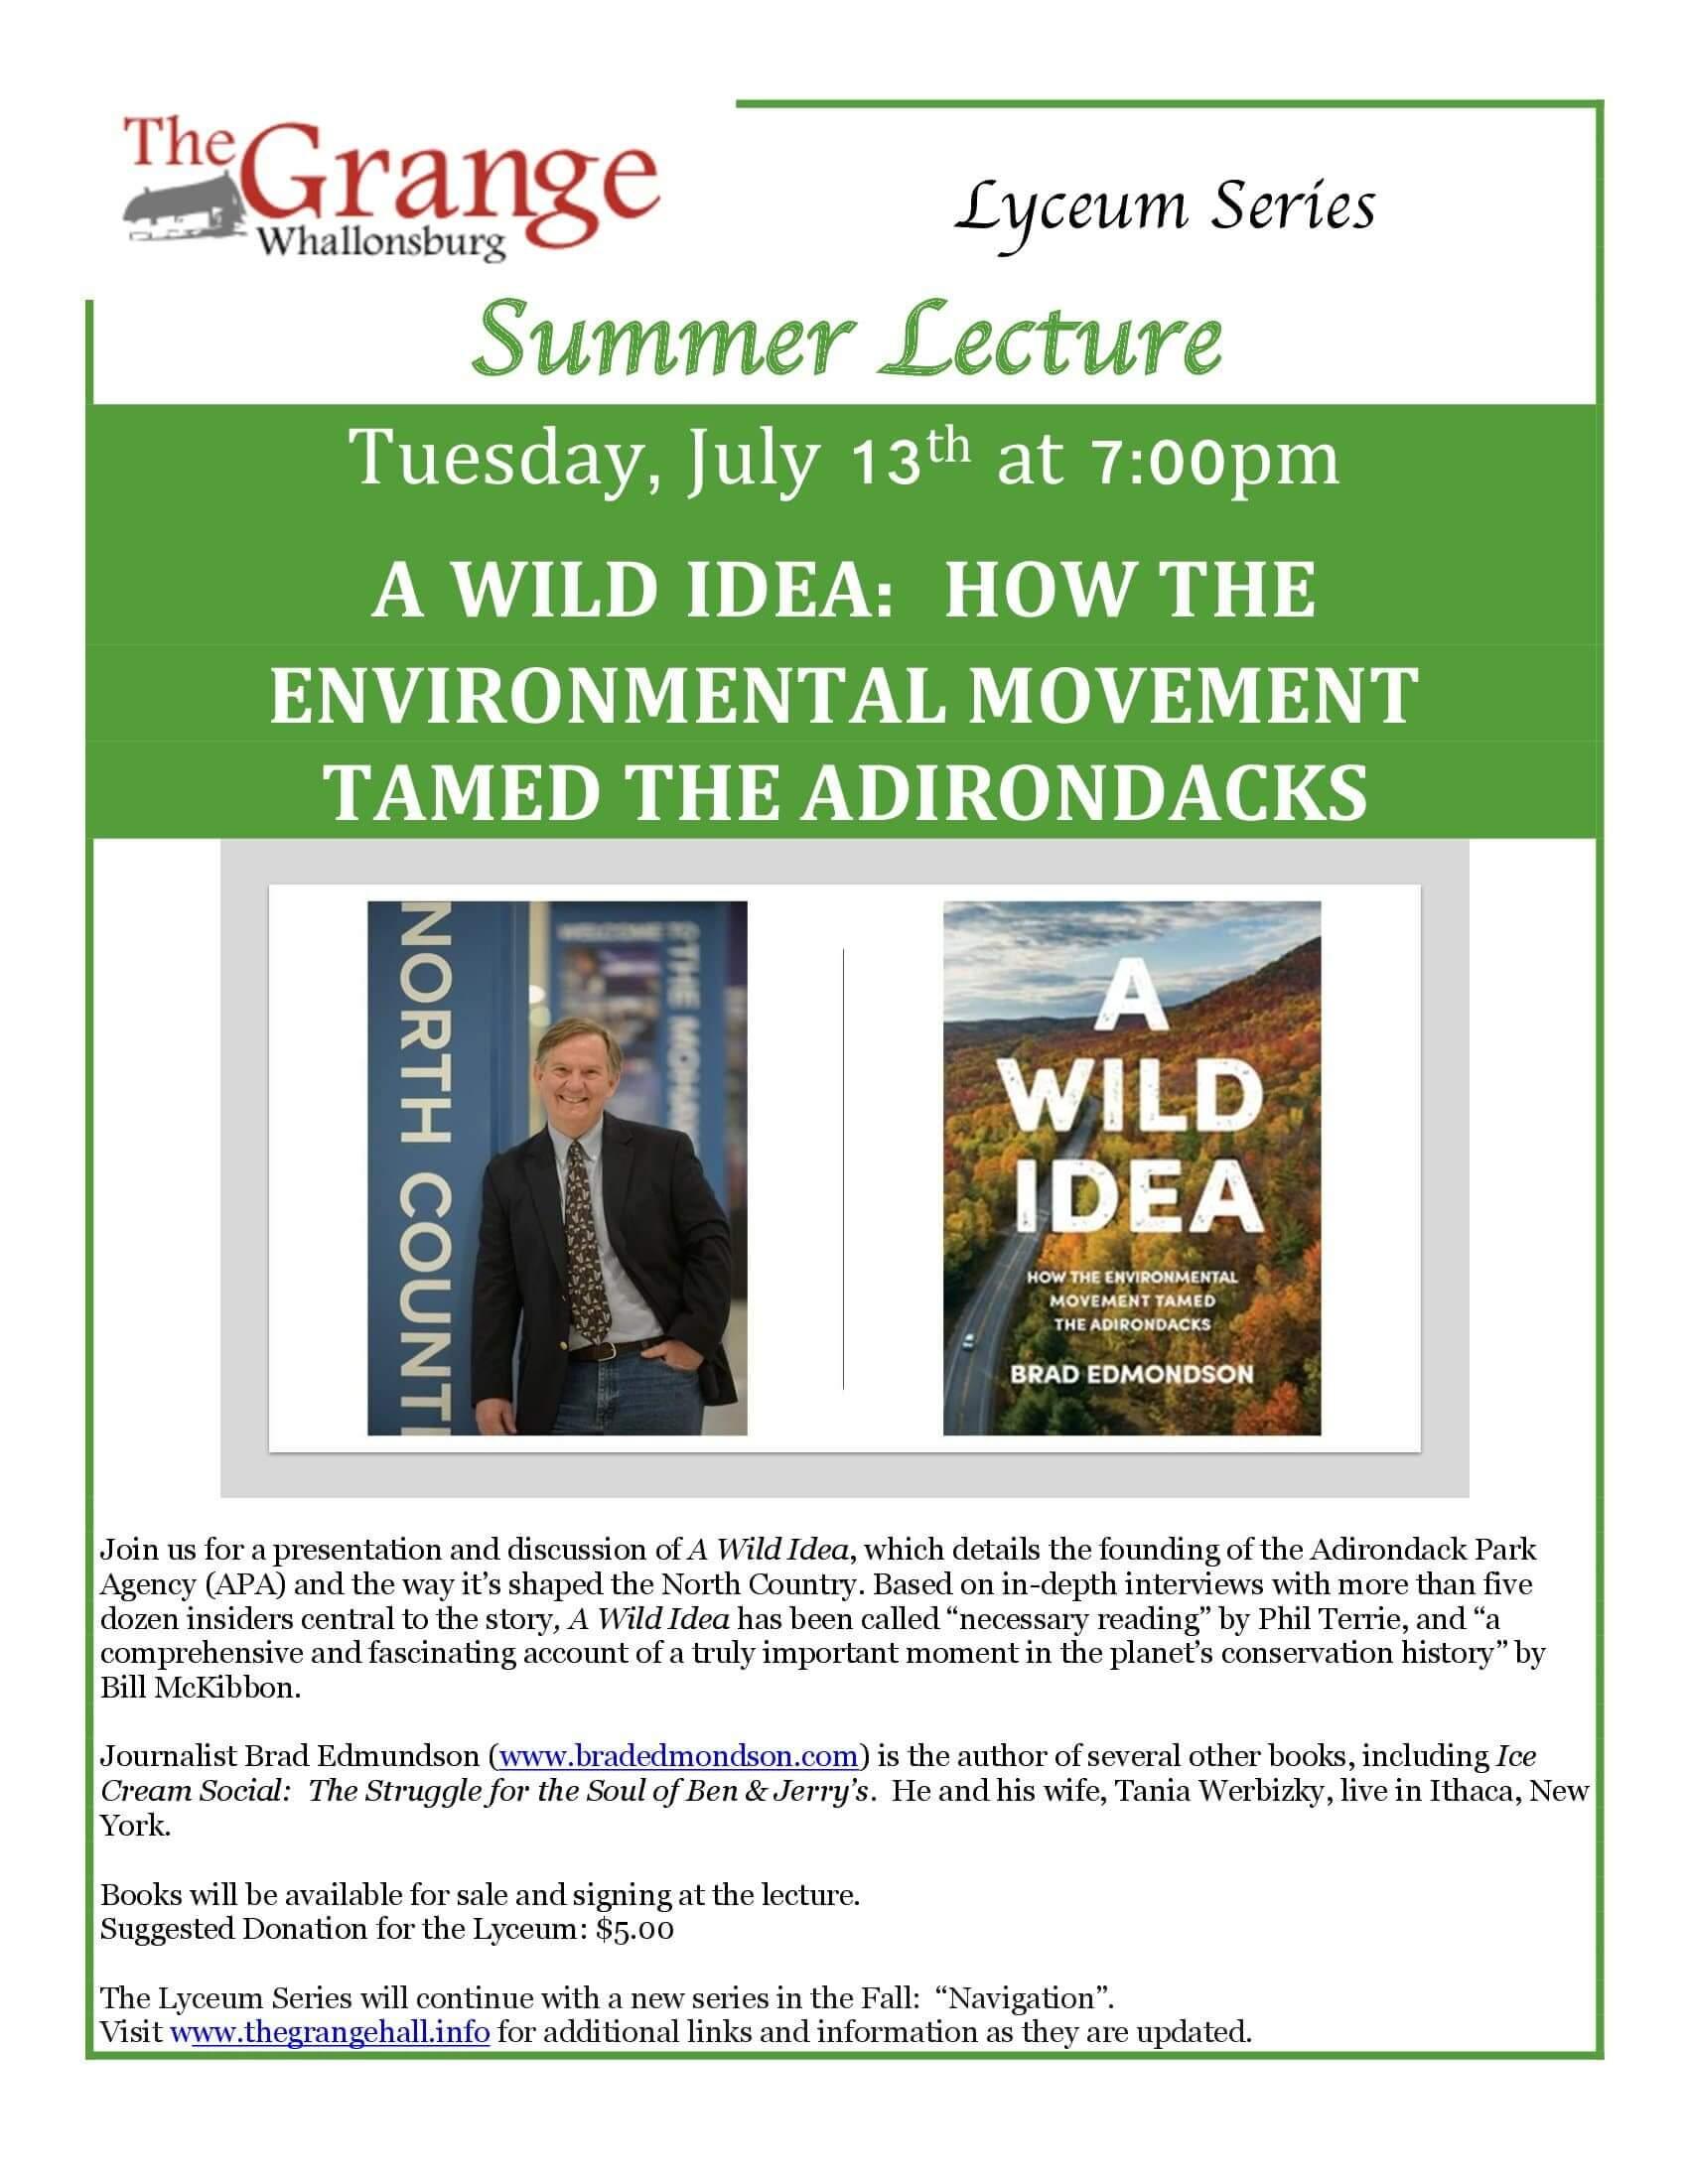 Grange Summer 2021 Lecture Flyer